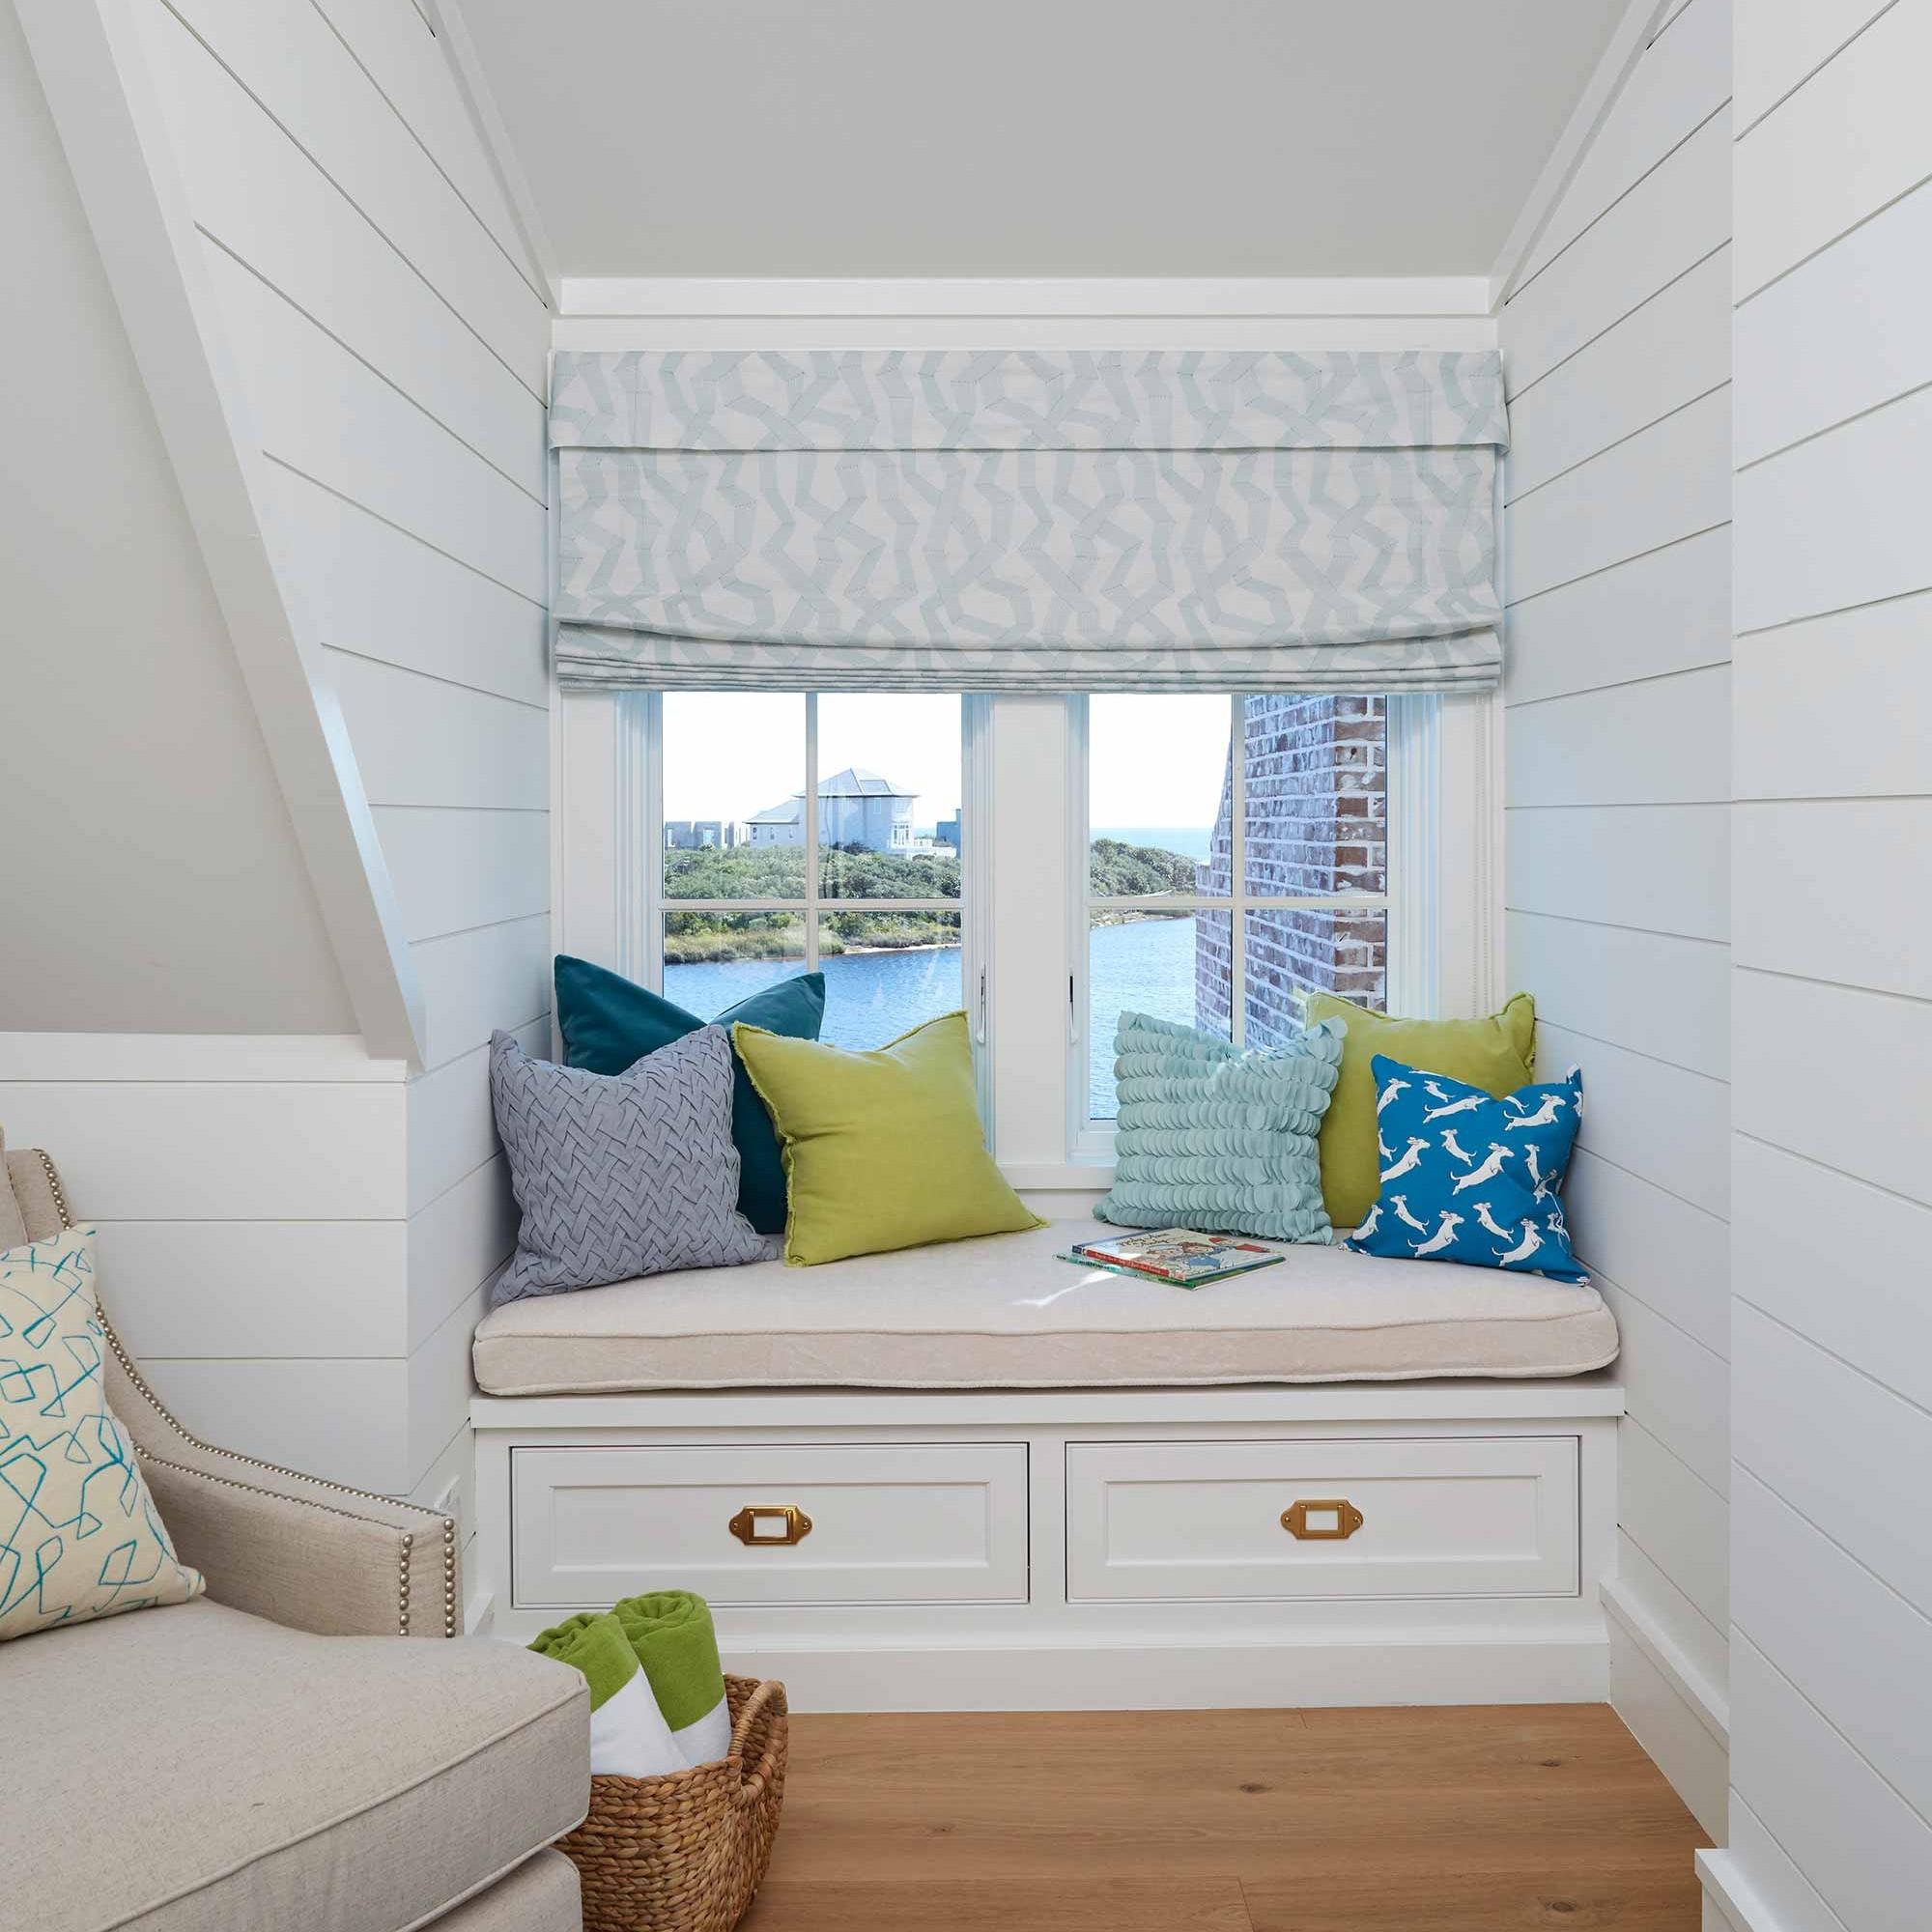 Coastal kids playroom interior design by Darci Hether New York in Watersound beach